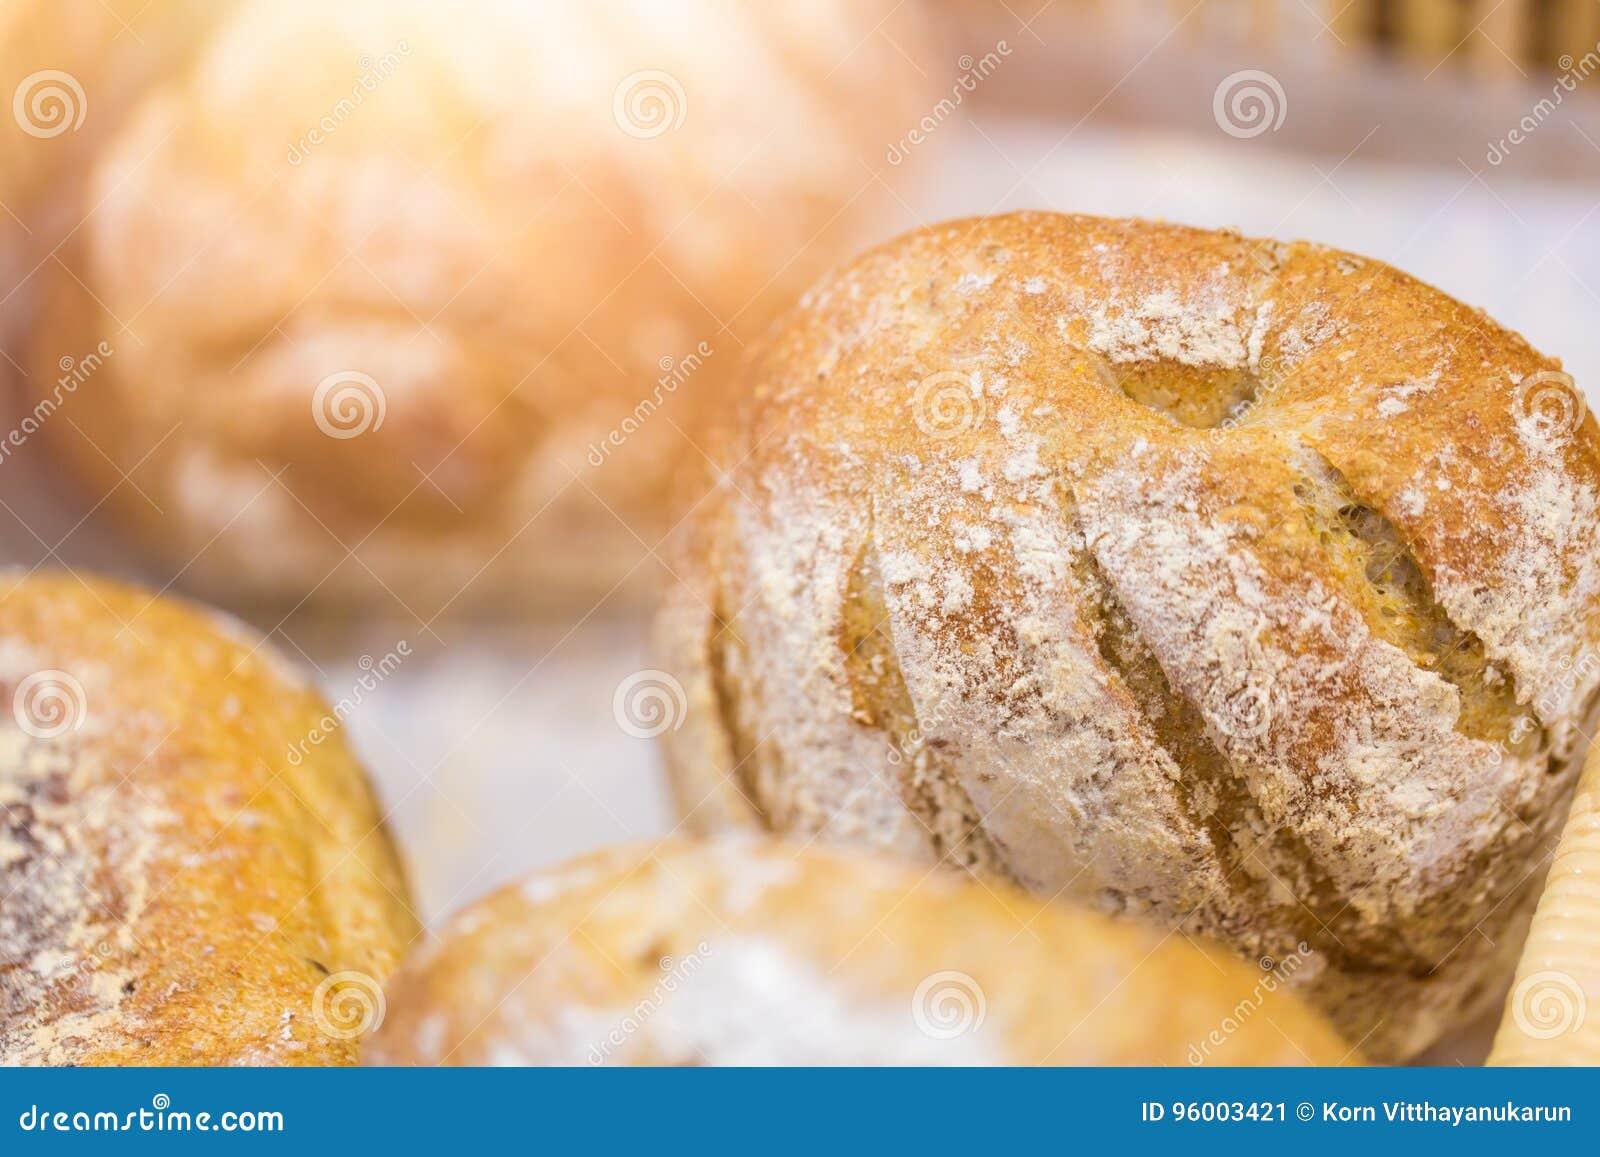 Vers bak brood in de bakkerij kijken smakelijke goede zuivelfabriek